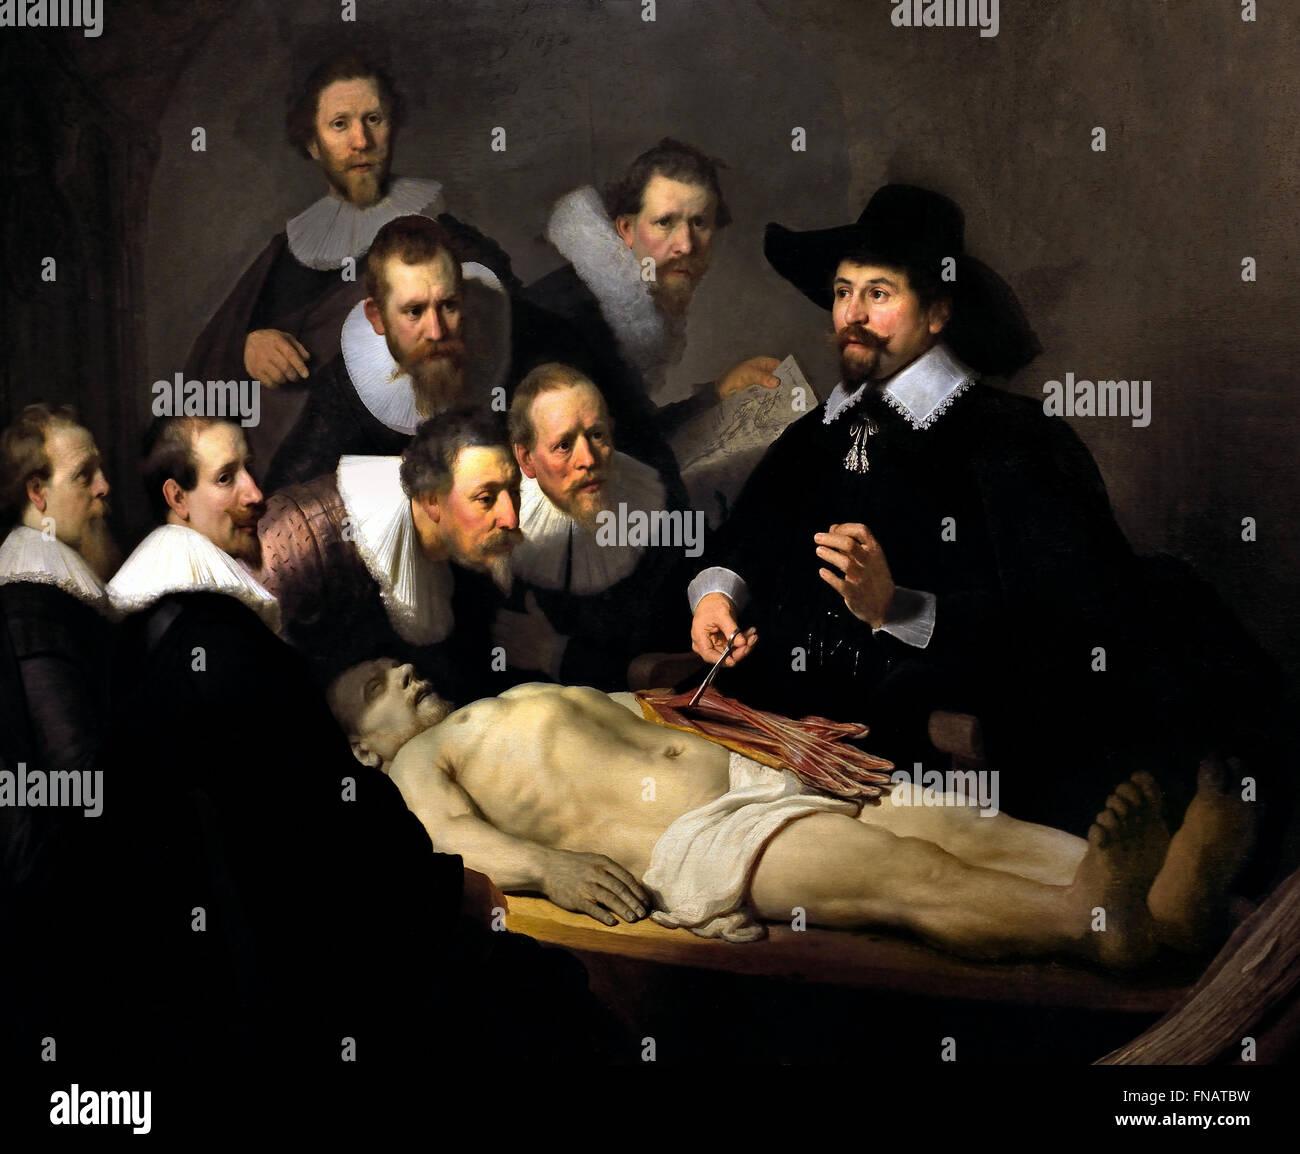 La lección de anatomía ( de anatomische les ) del Dr. Nicolaes Tulp ...